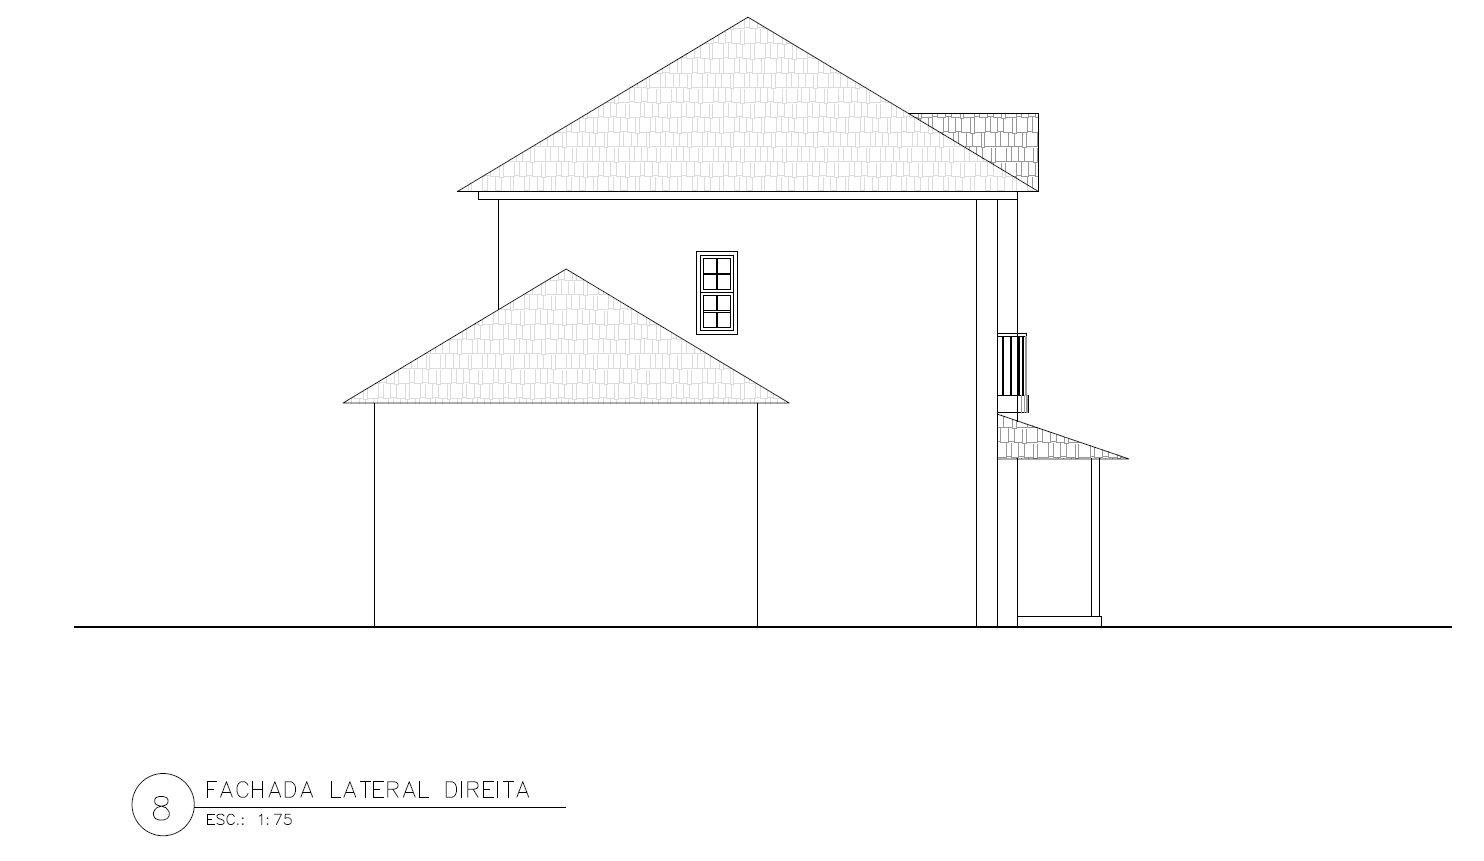 Fachada de casa lateral